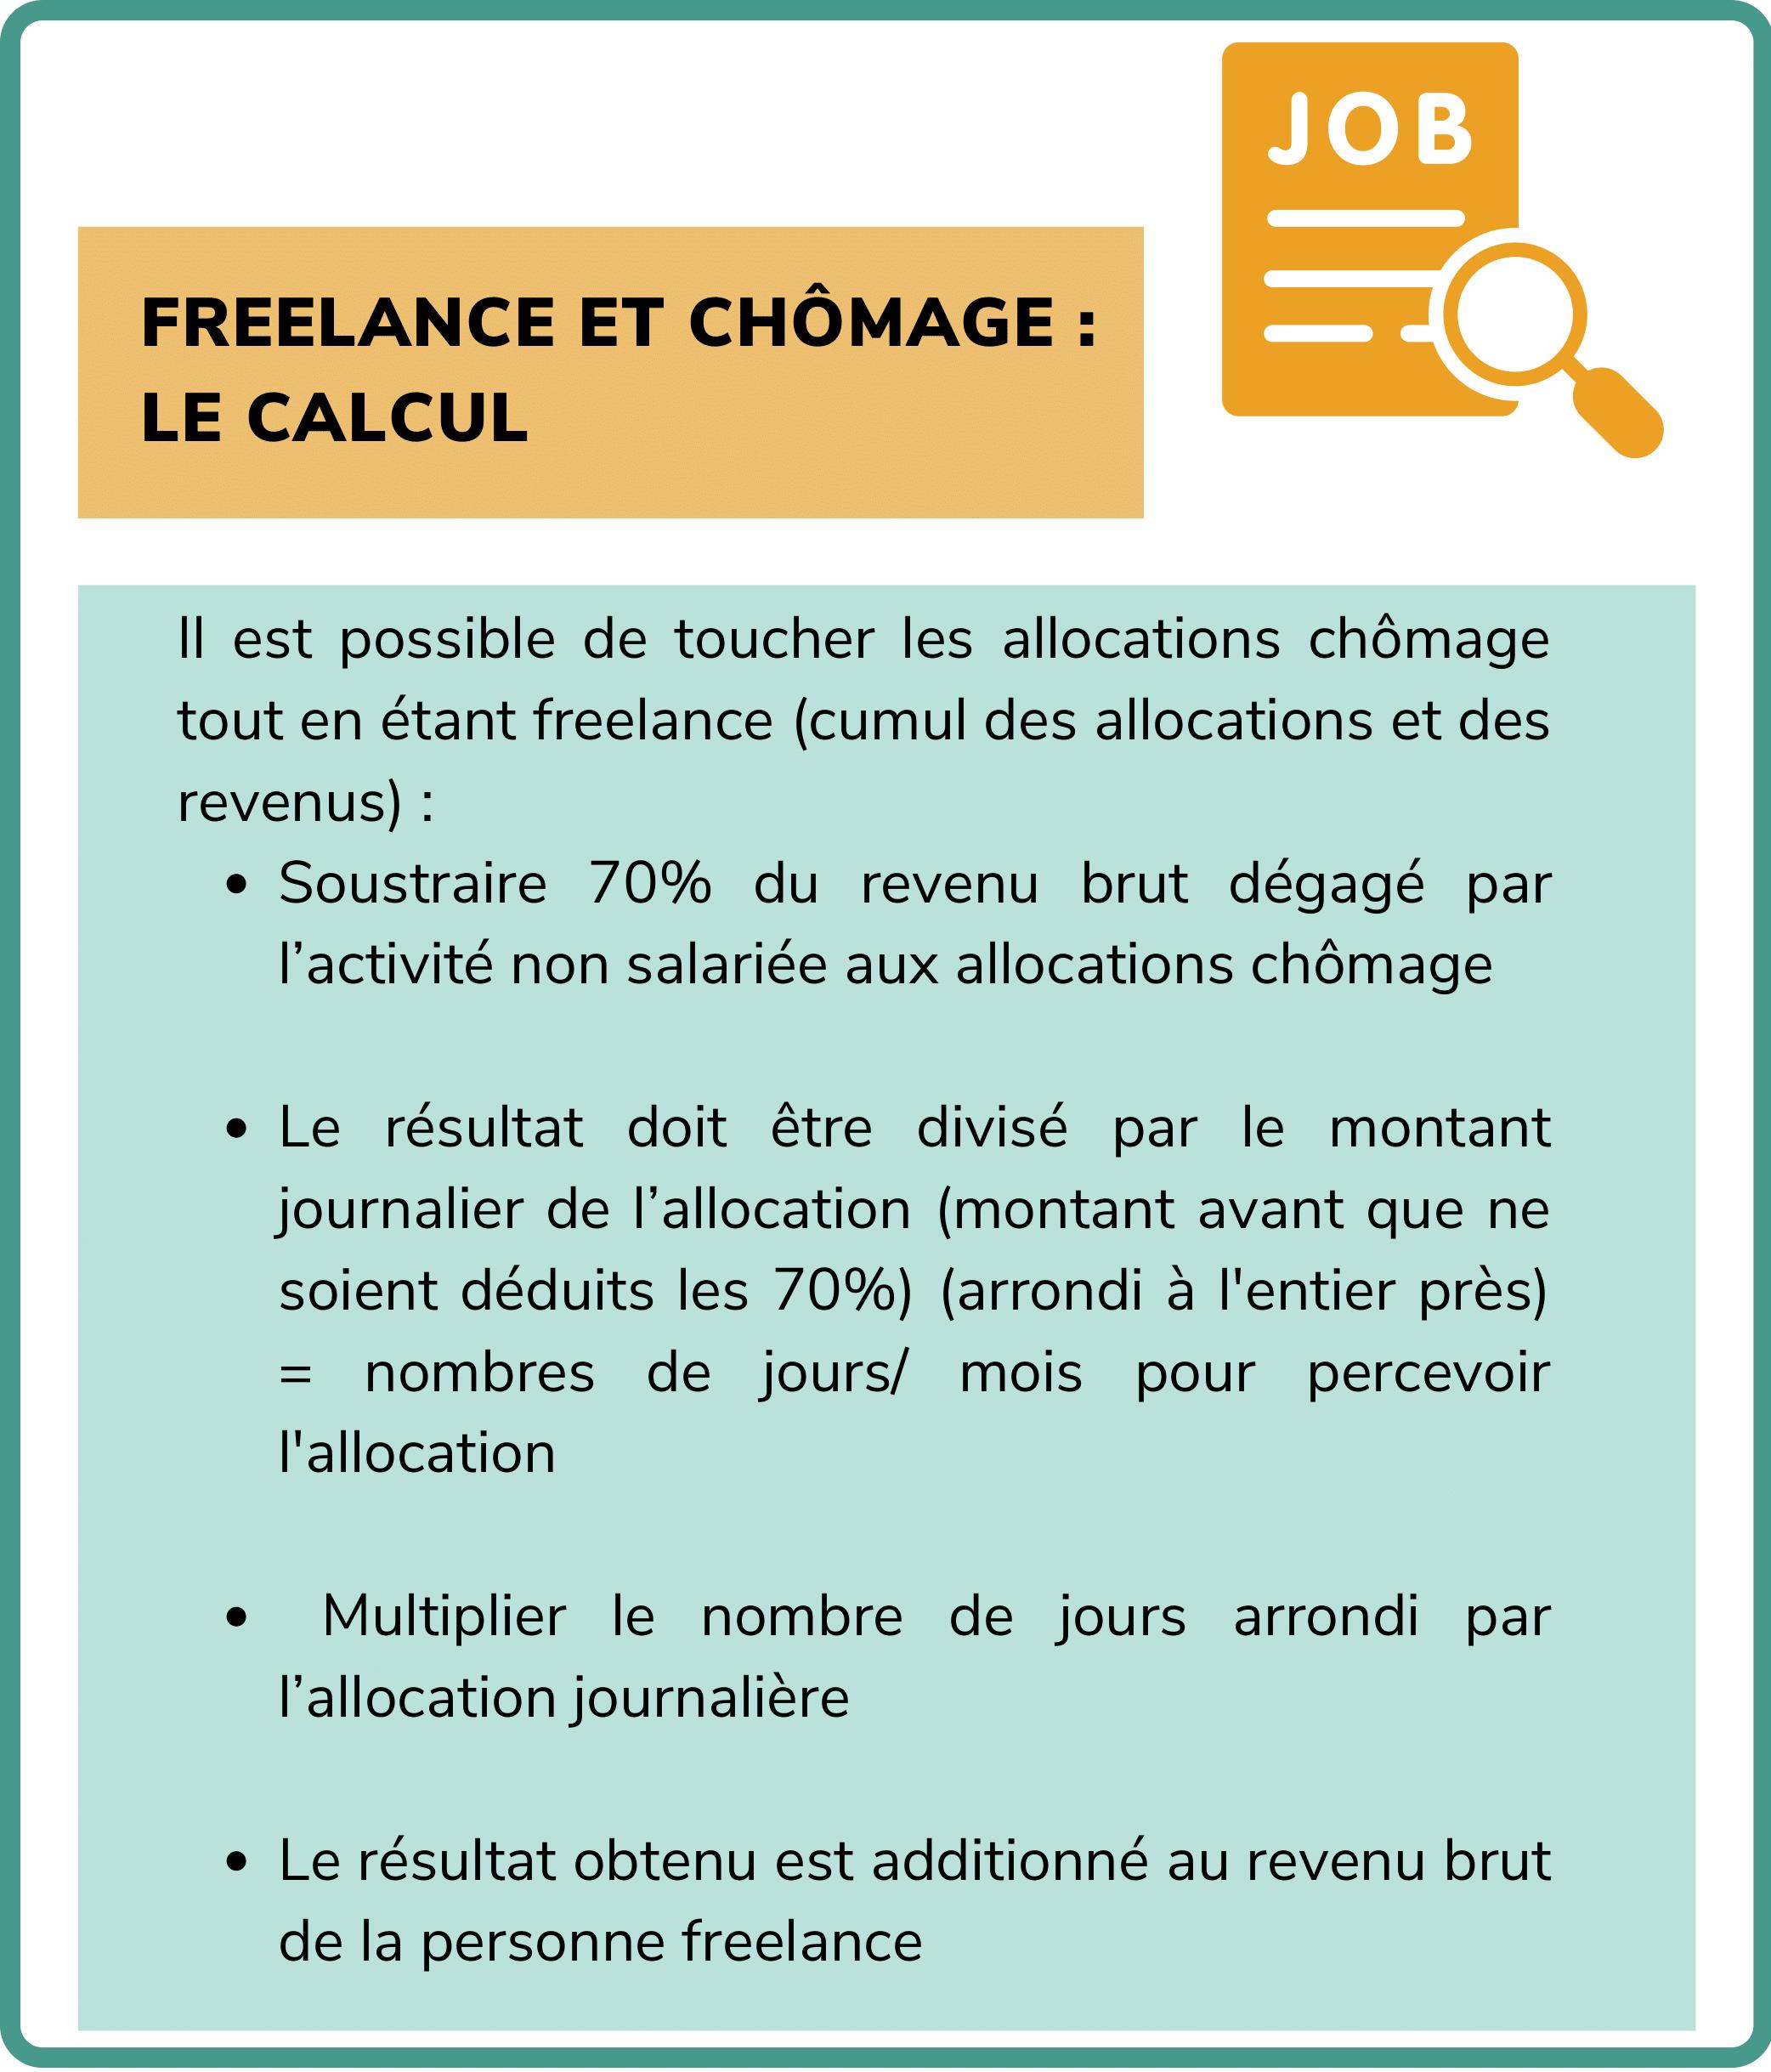 freelance et chômage